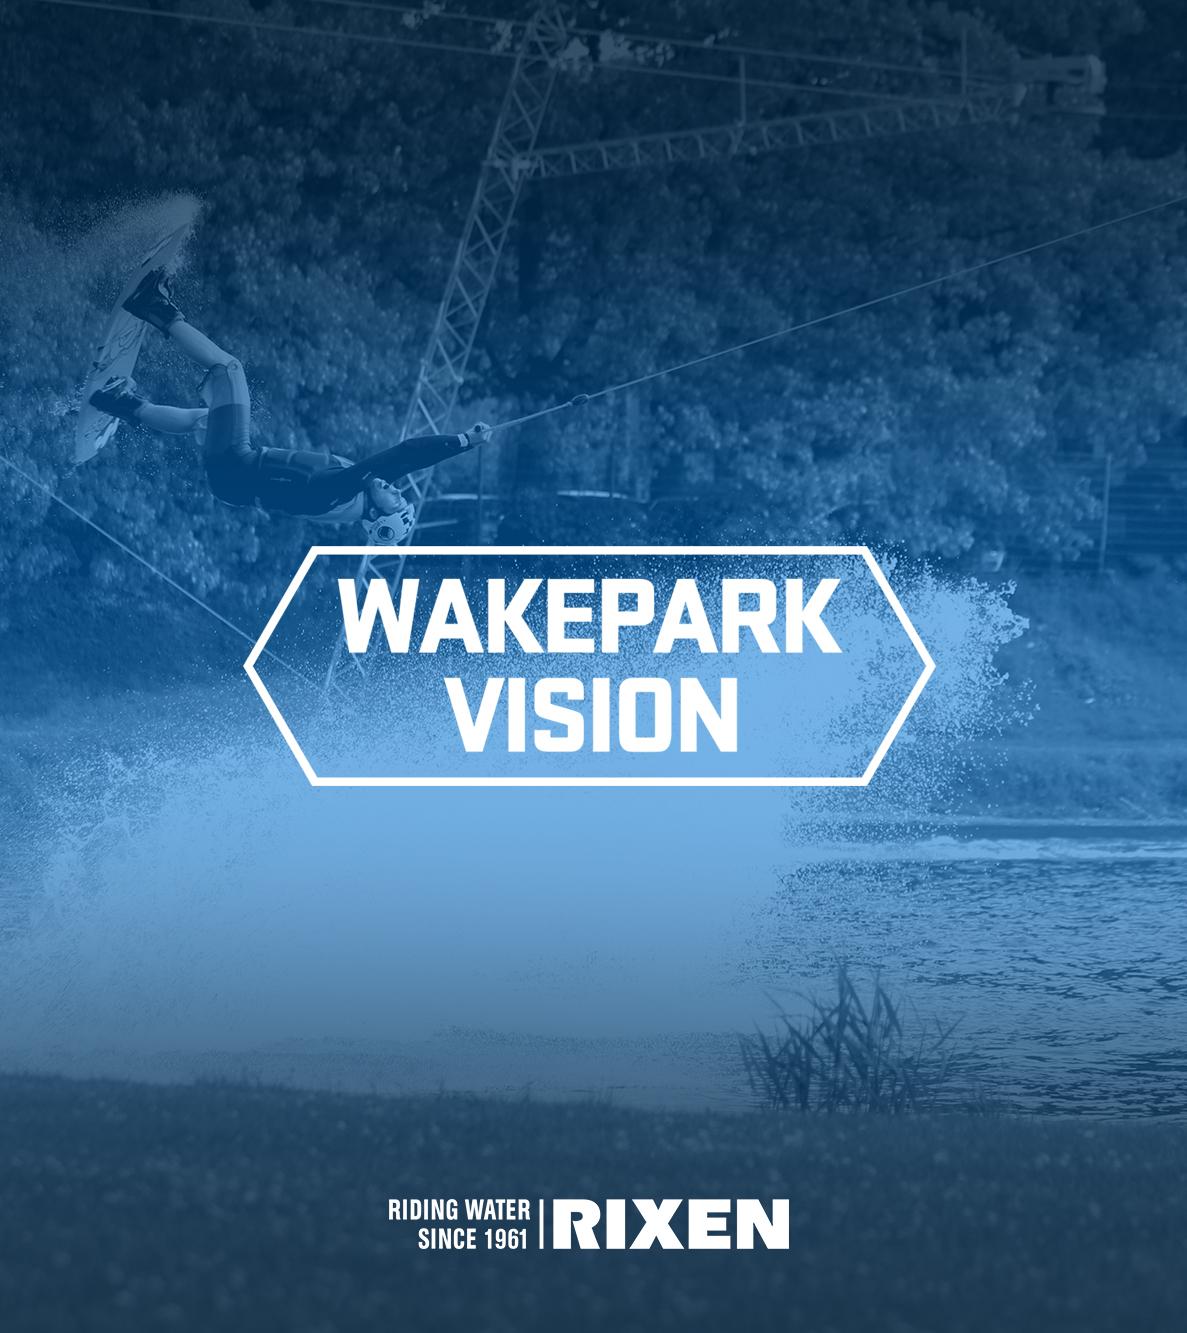 Wakepark Vision